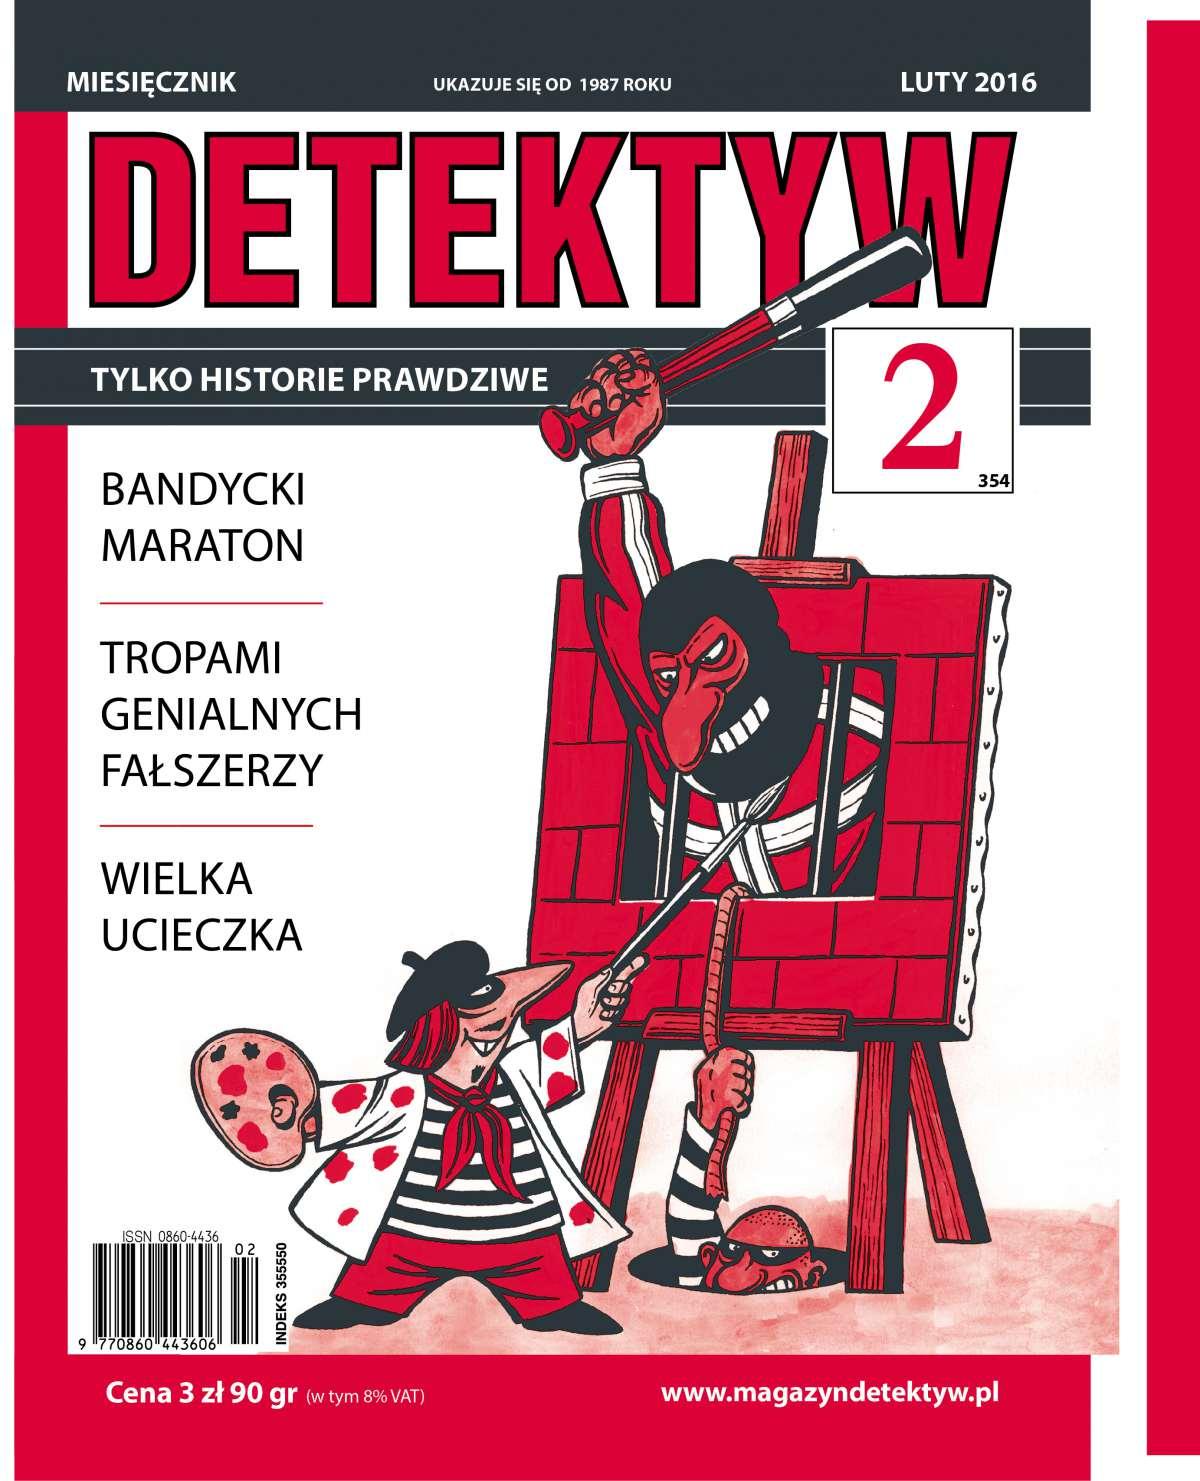 Detektyw 2/2016 - Ebook (Książka na Kindle) do pobrania w formacie MOBI